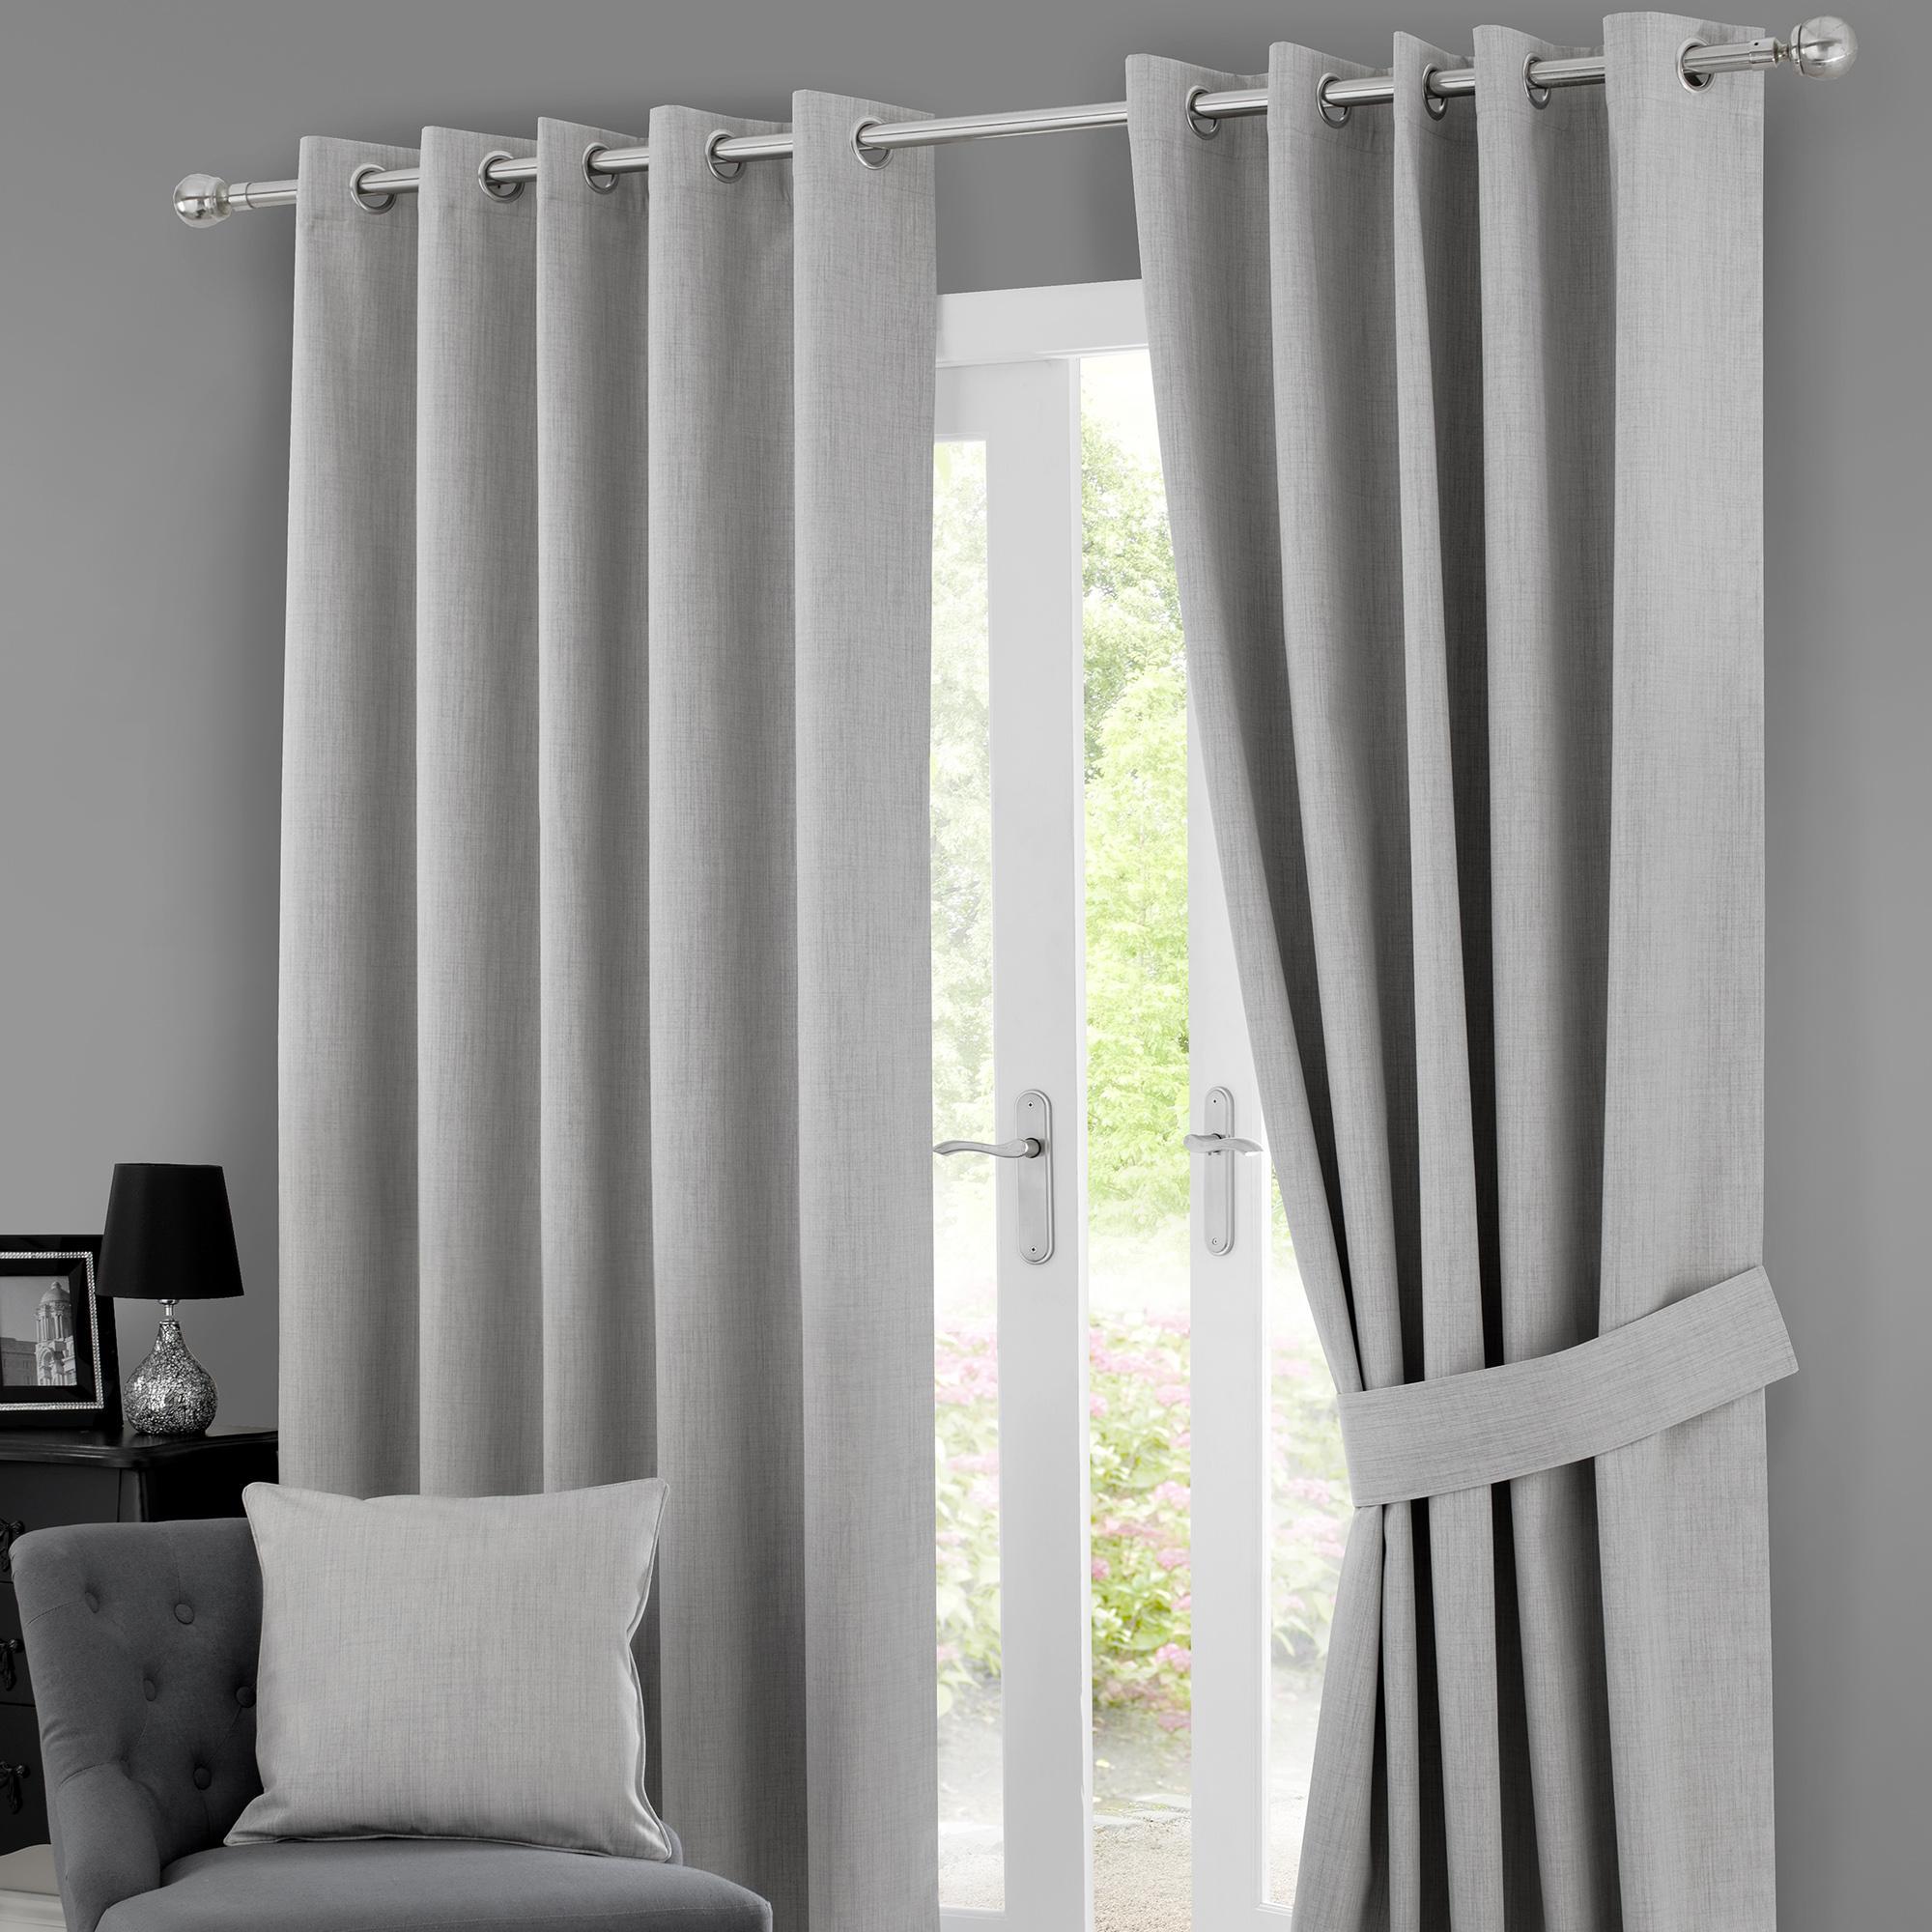 solar grey blackout eyelet curtains STKHWFO